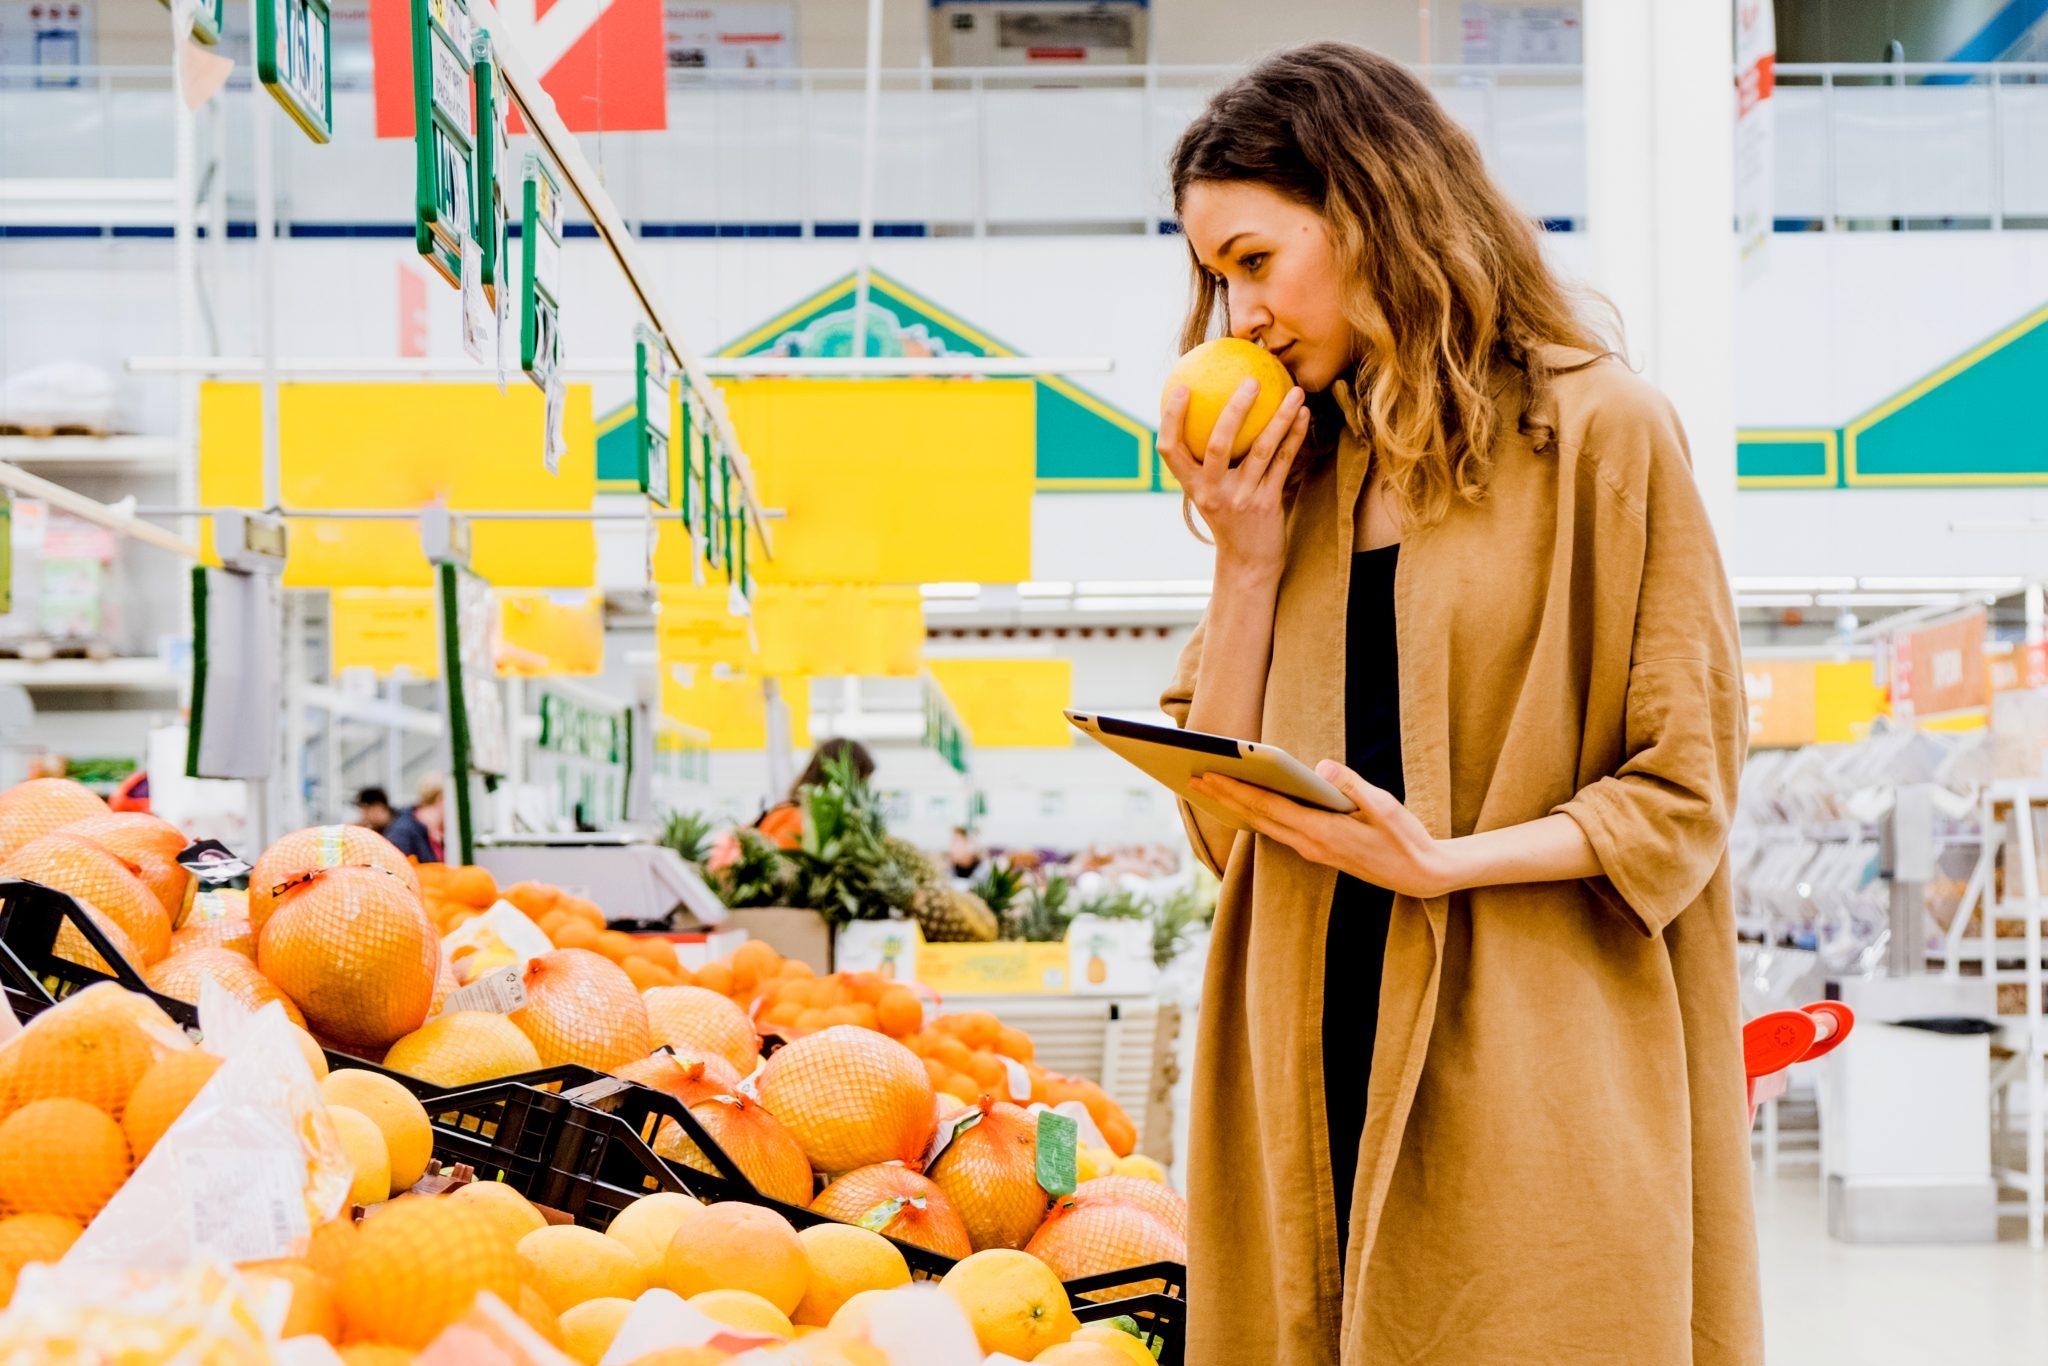 スーパーでグレープフルーツを吟味している女性